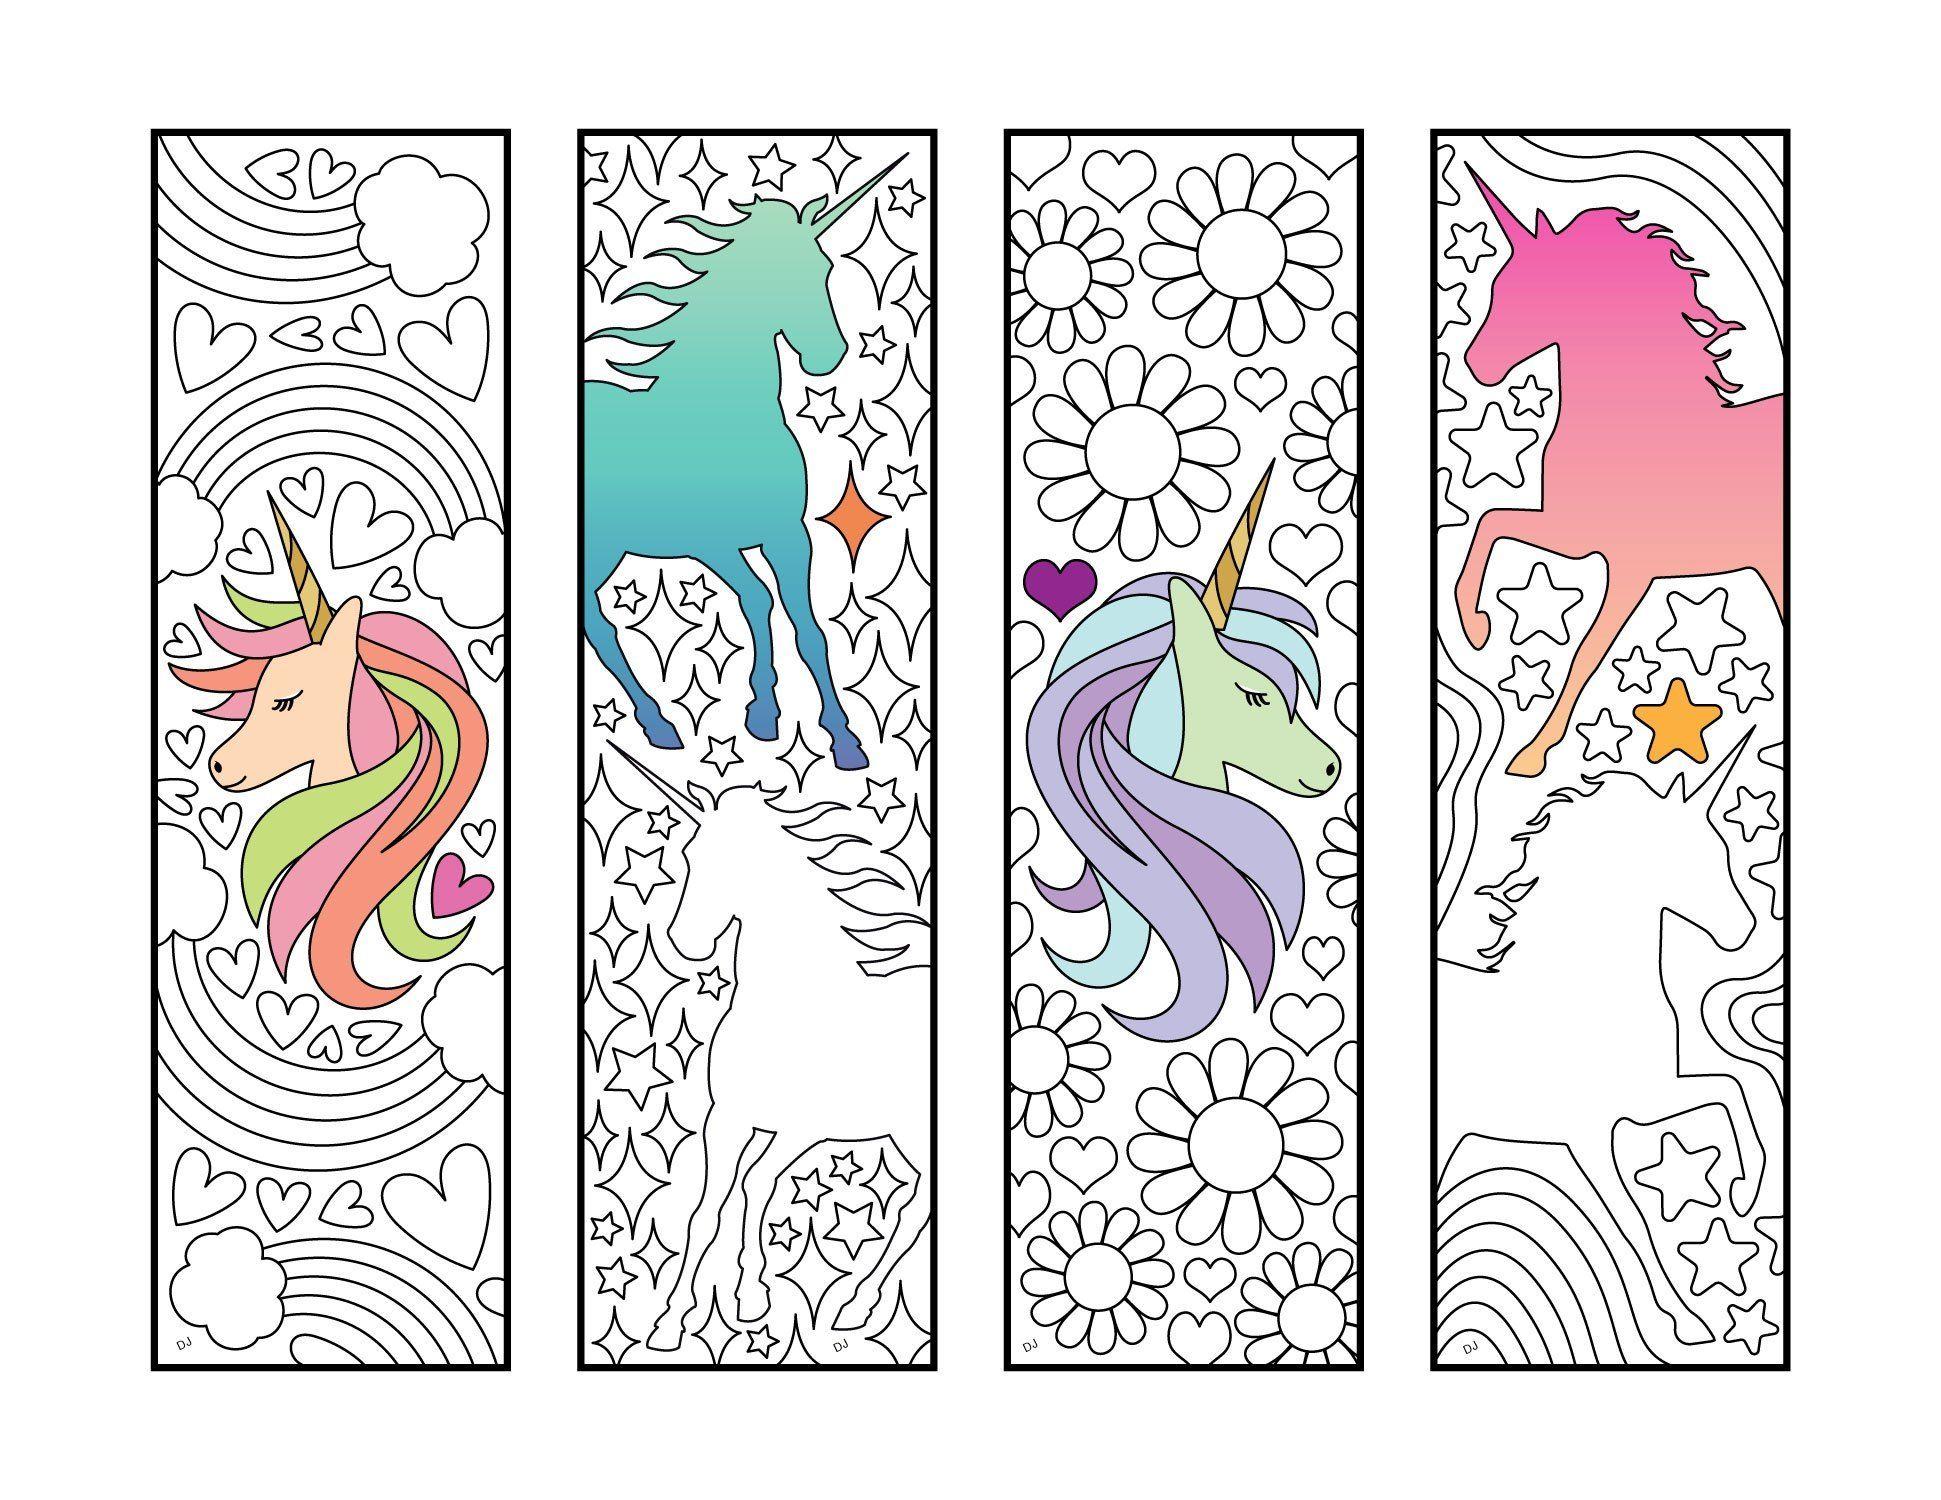 Unicorn Bookmarks - Pdf Zentangle Coloring Page | Coloring concernant Modele De Marque Page A Imprimer